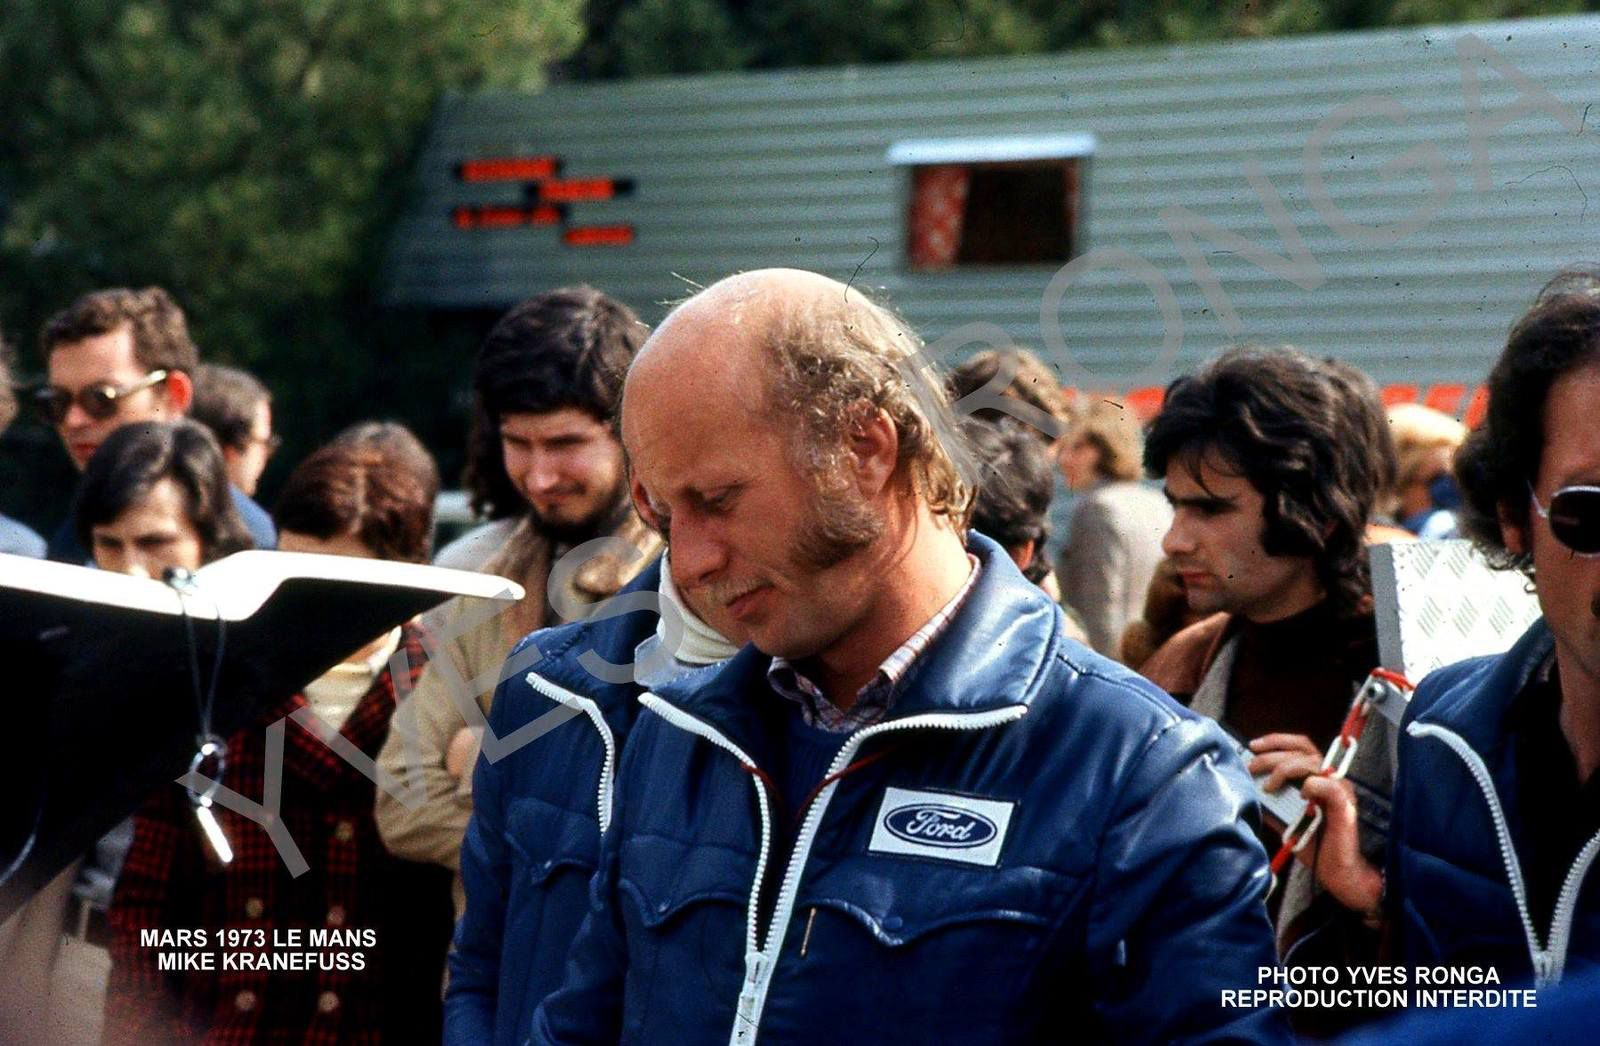 Michael Kranefuss Essais Préliminaires des 24 Heures du Mans 1973.